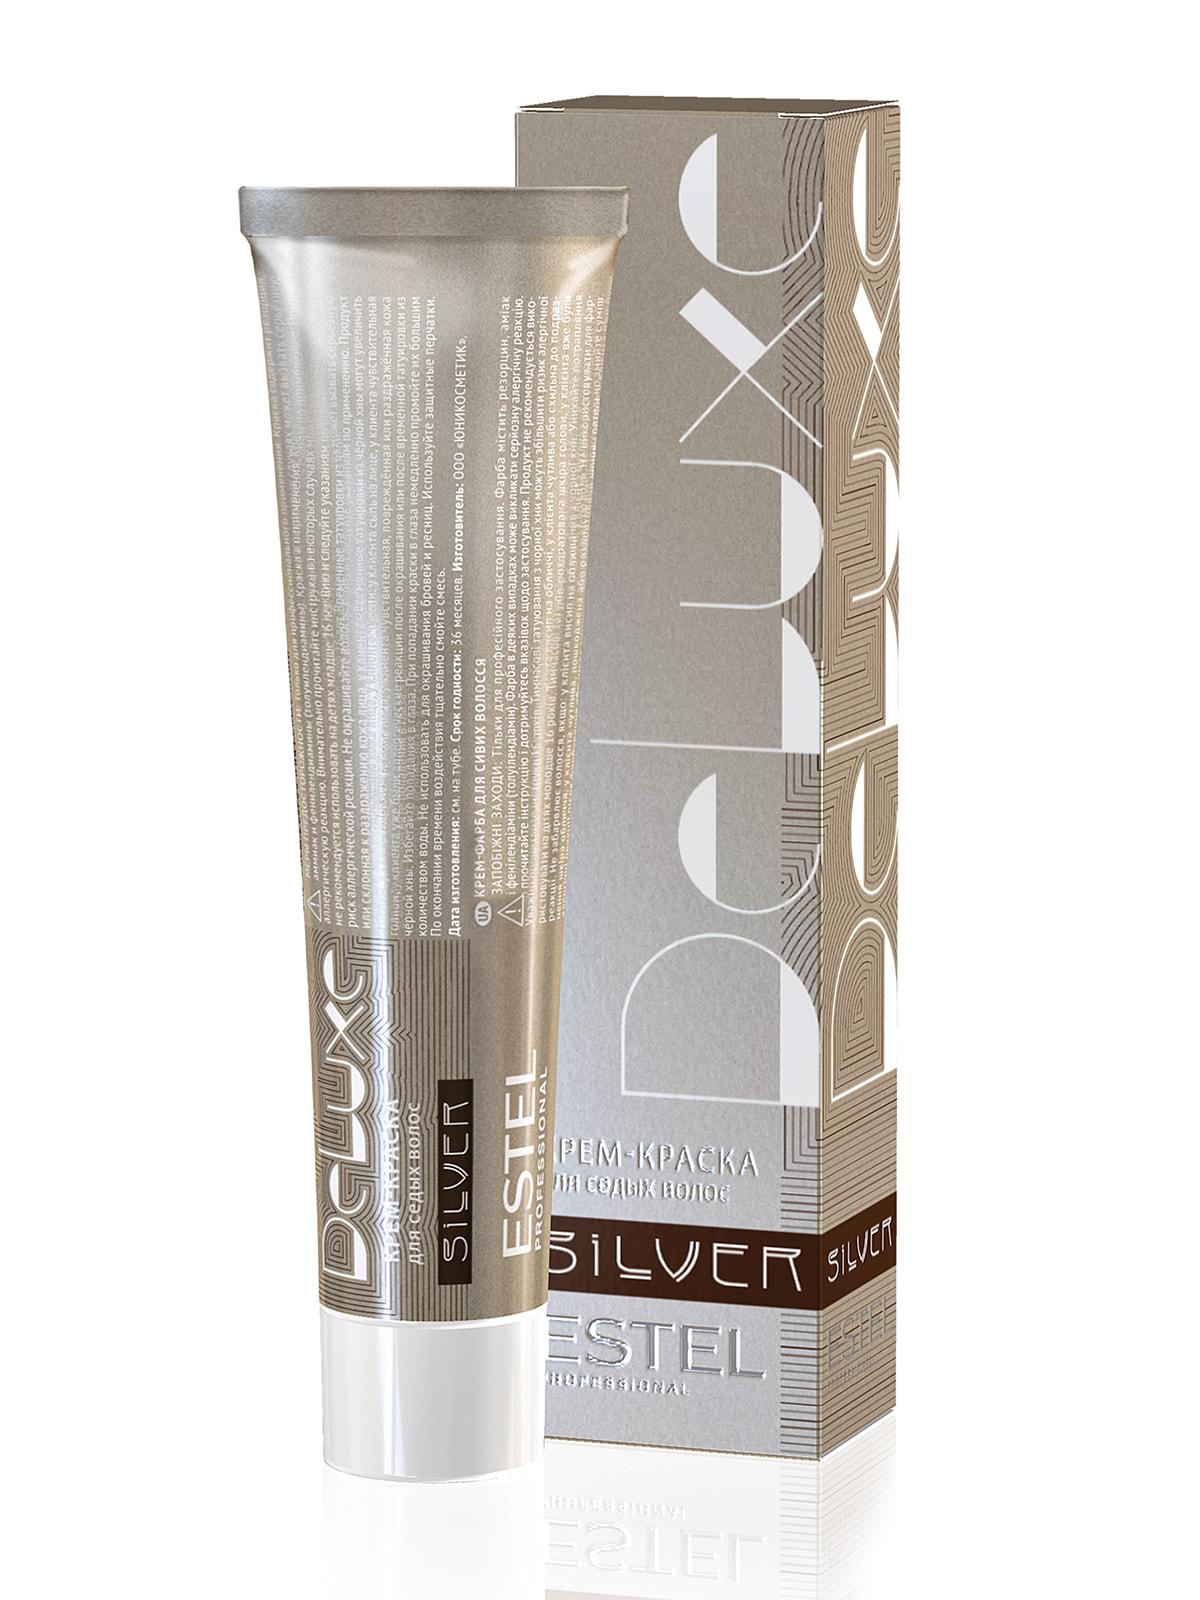 Крем-фарба De Luxe Silver - світлий блондин коричнево-мідний для 100% сивини (60 мл)   4693757